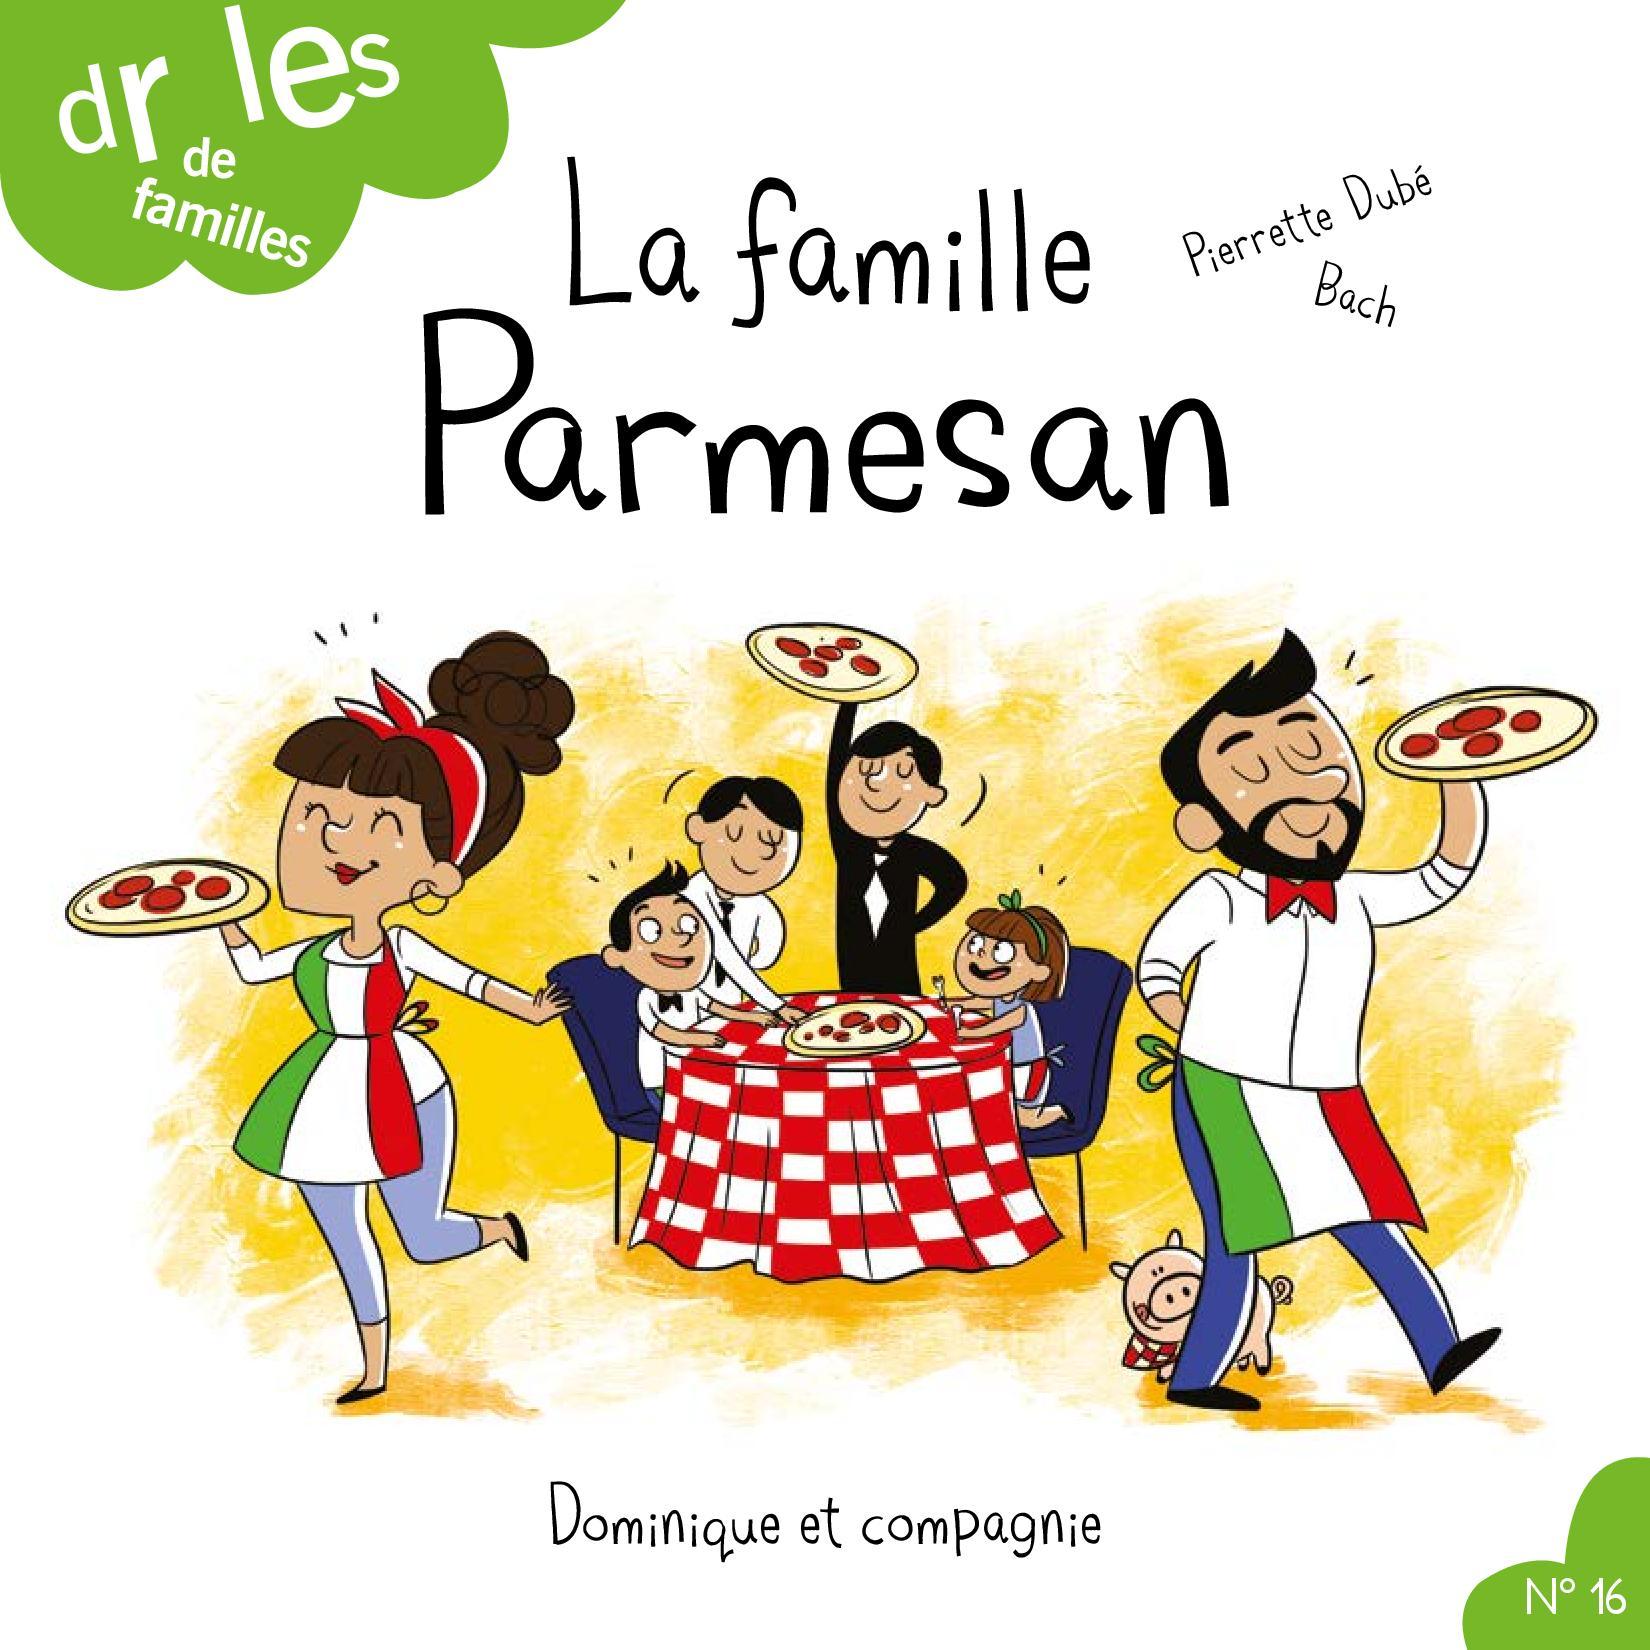 La famille Parmesan